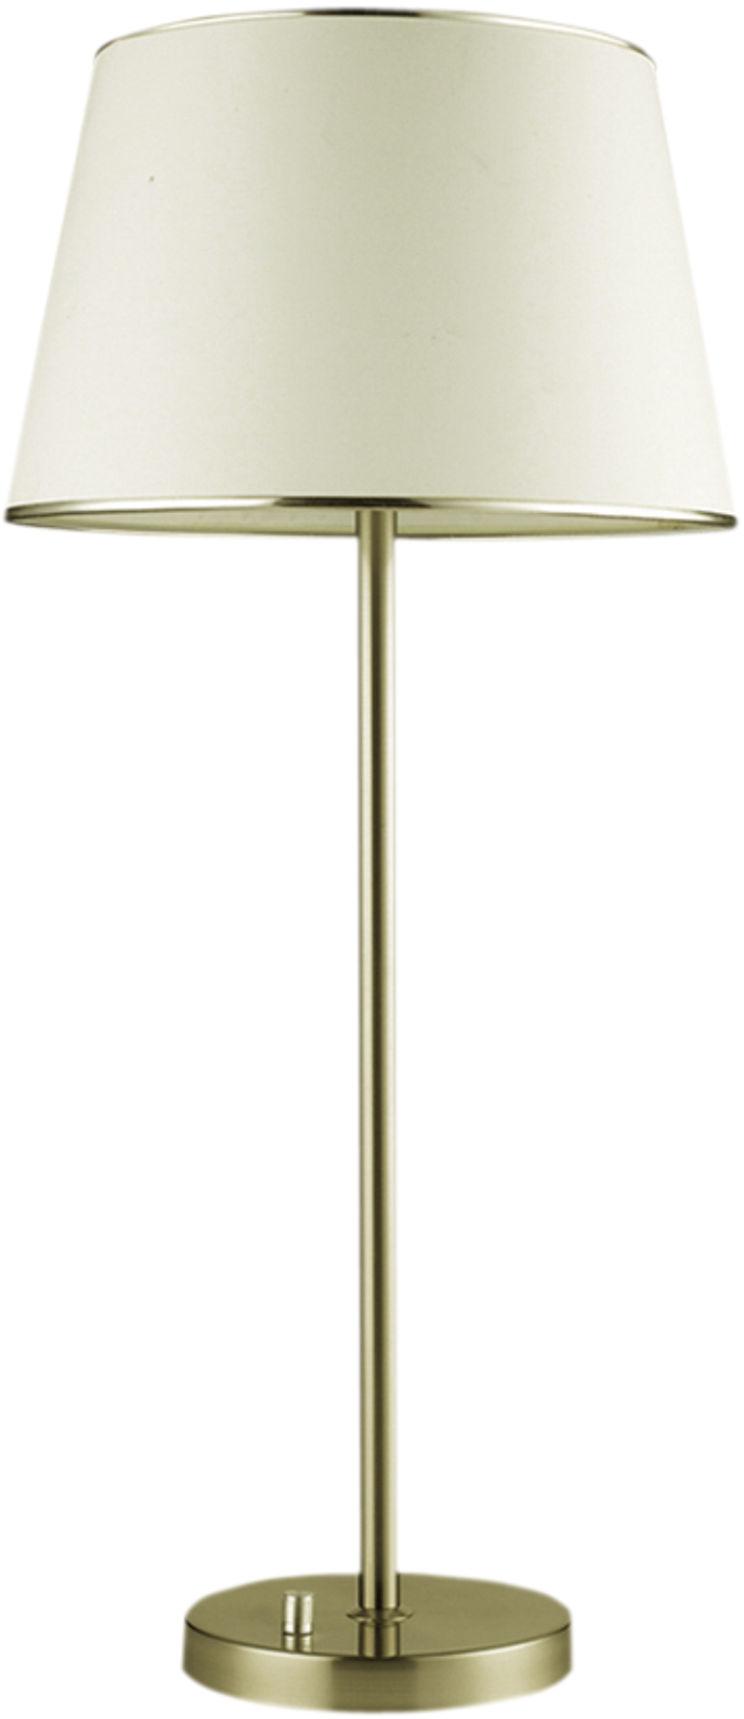 Candellux IBIS 41-01354 lampa stołowa abażur 1X40W E14 patyna 33cm